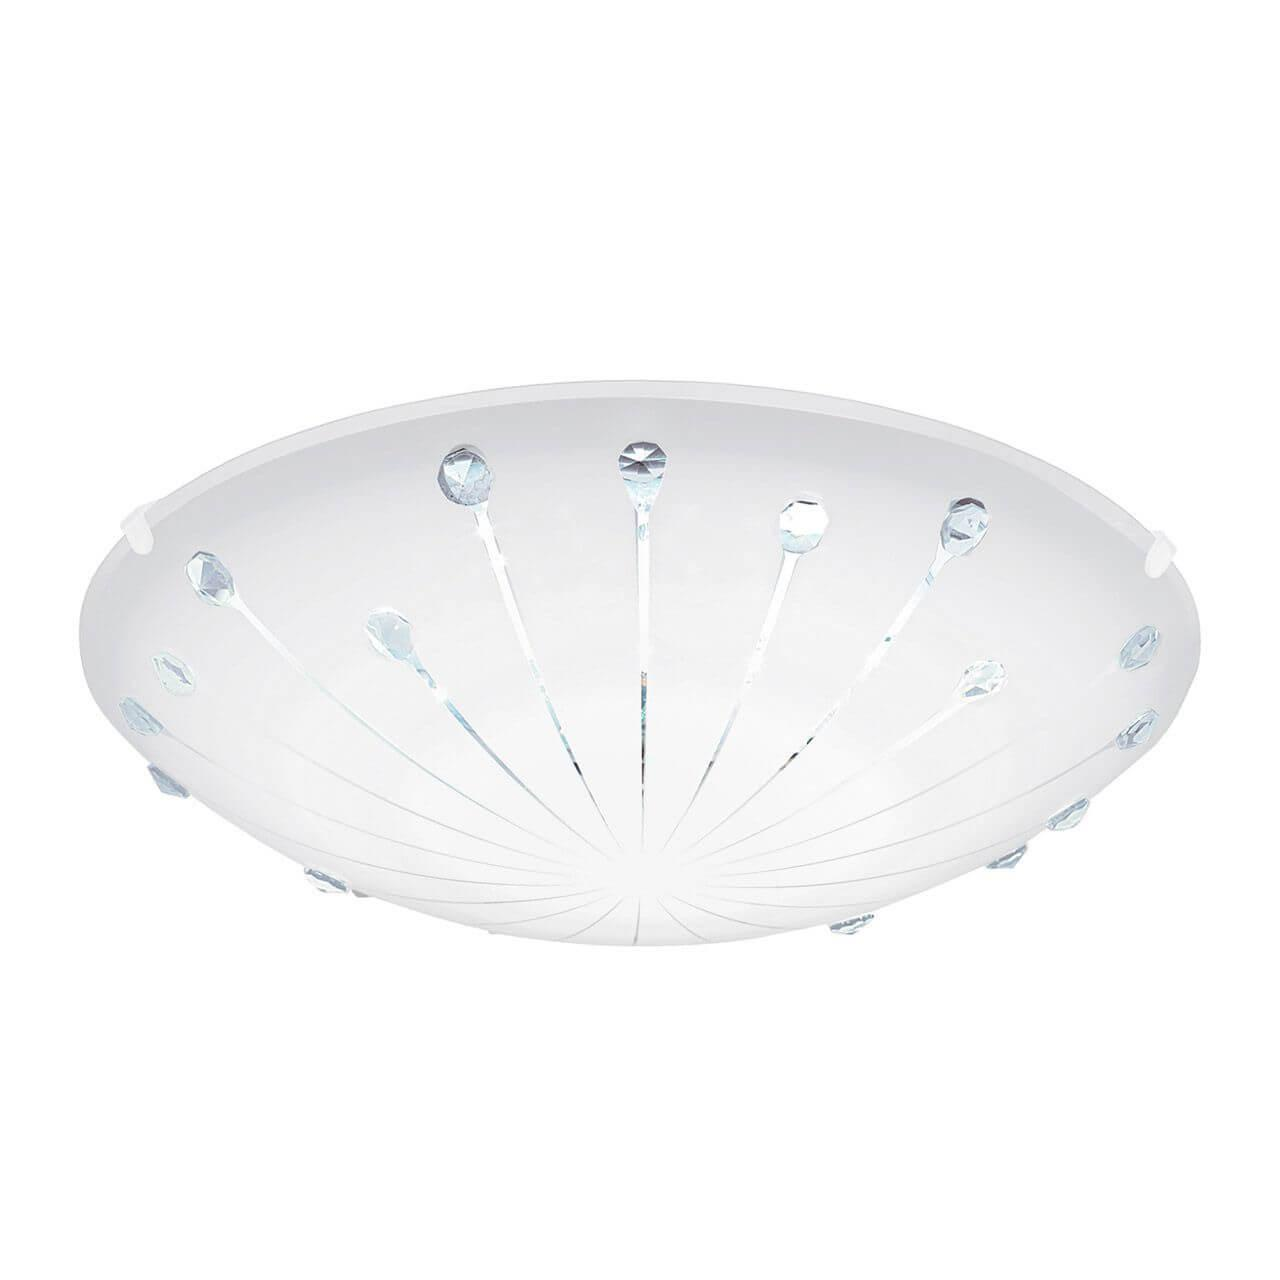 Накладной светильник Eglo 96113, LED, 11 Вт накладной светильник margitta 1 96117